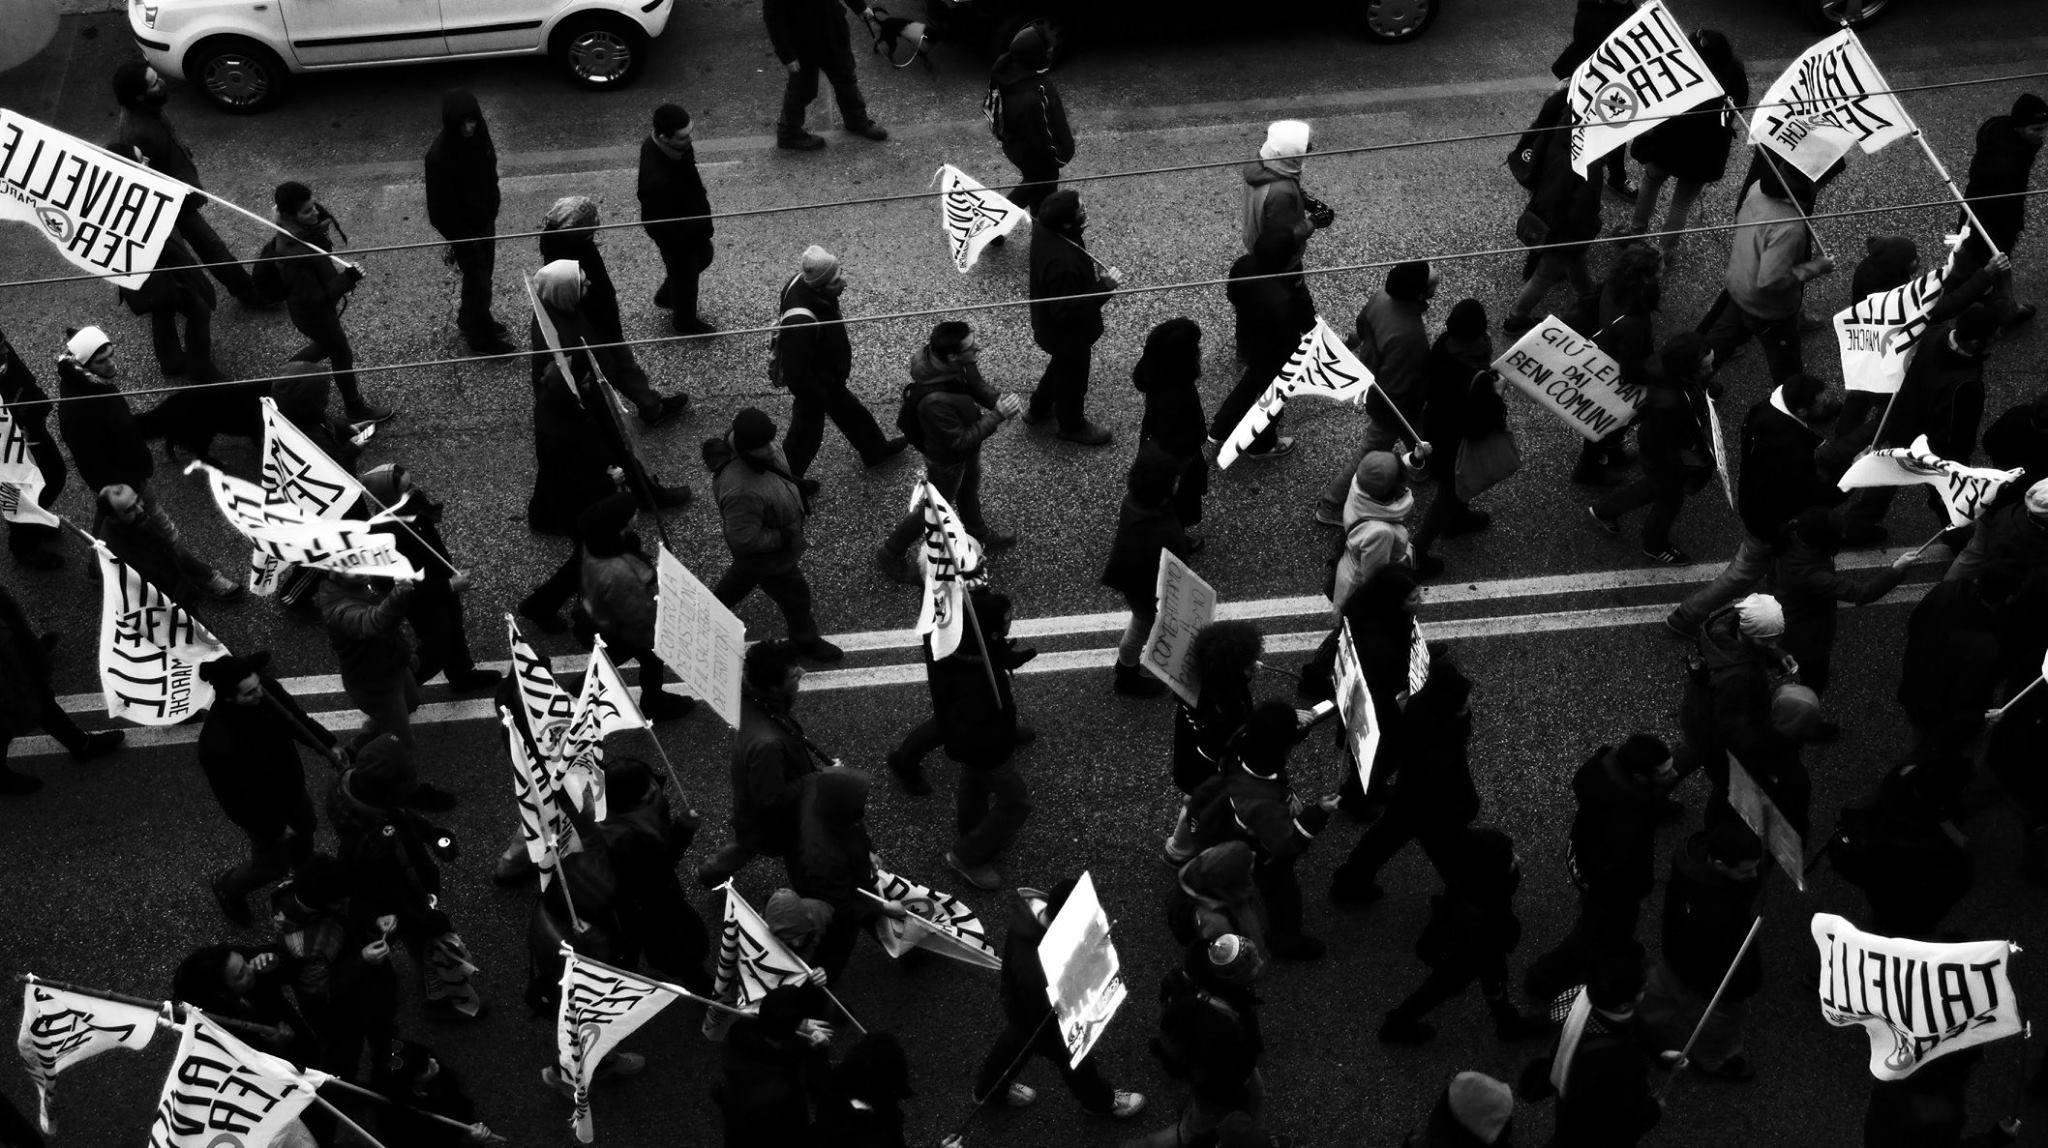 Manifestazione regionale 'Salviamo l'Adriatico', Ancona, 28 novembre 2015